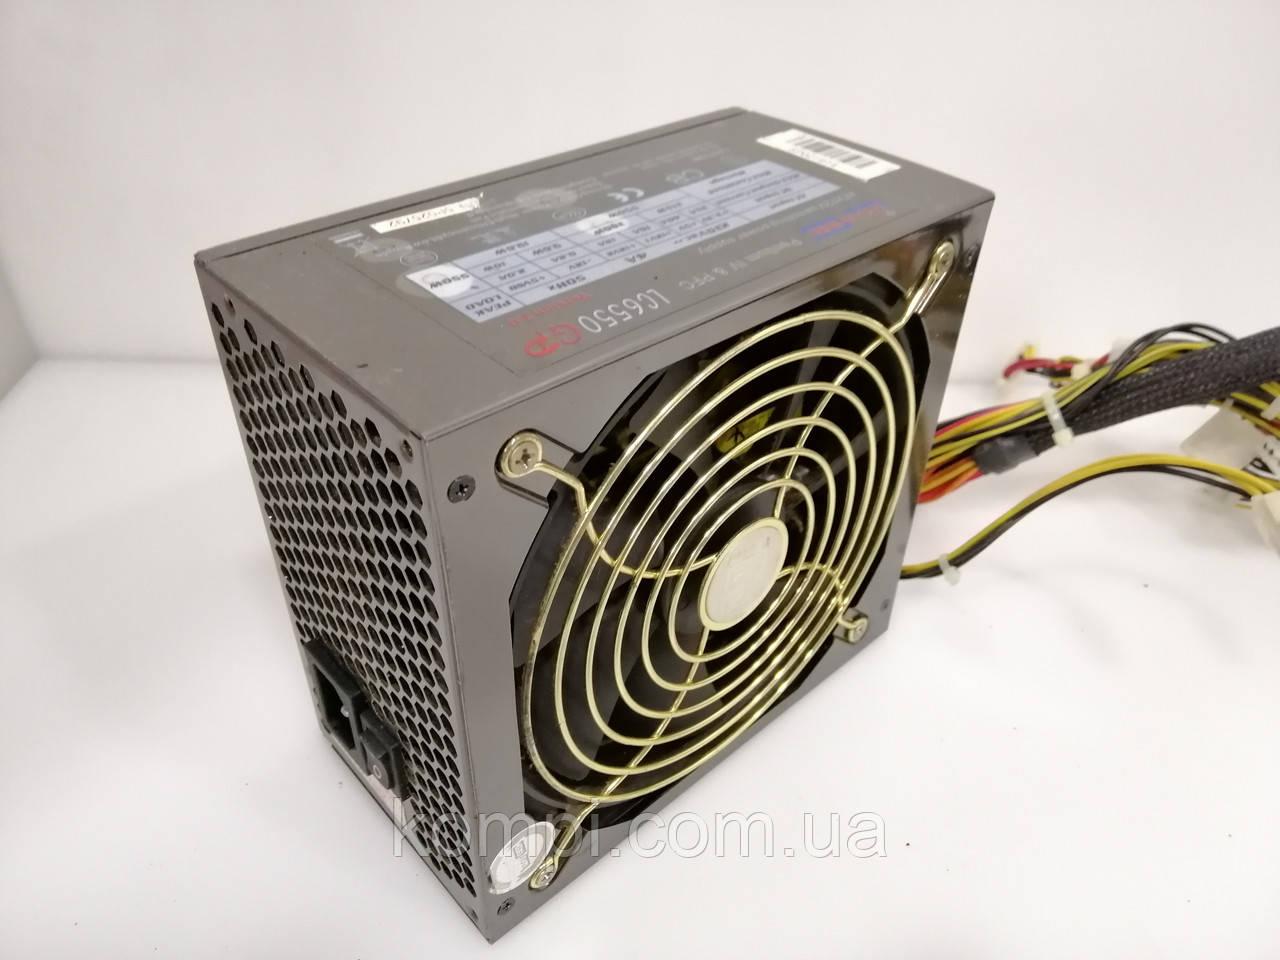 Блок питания 550W LC Power LC6550 V2.0 б/у